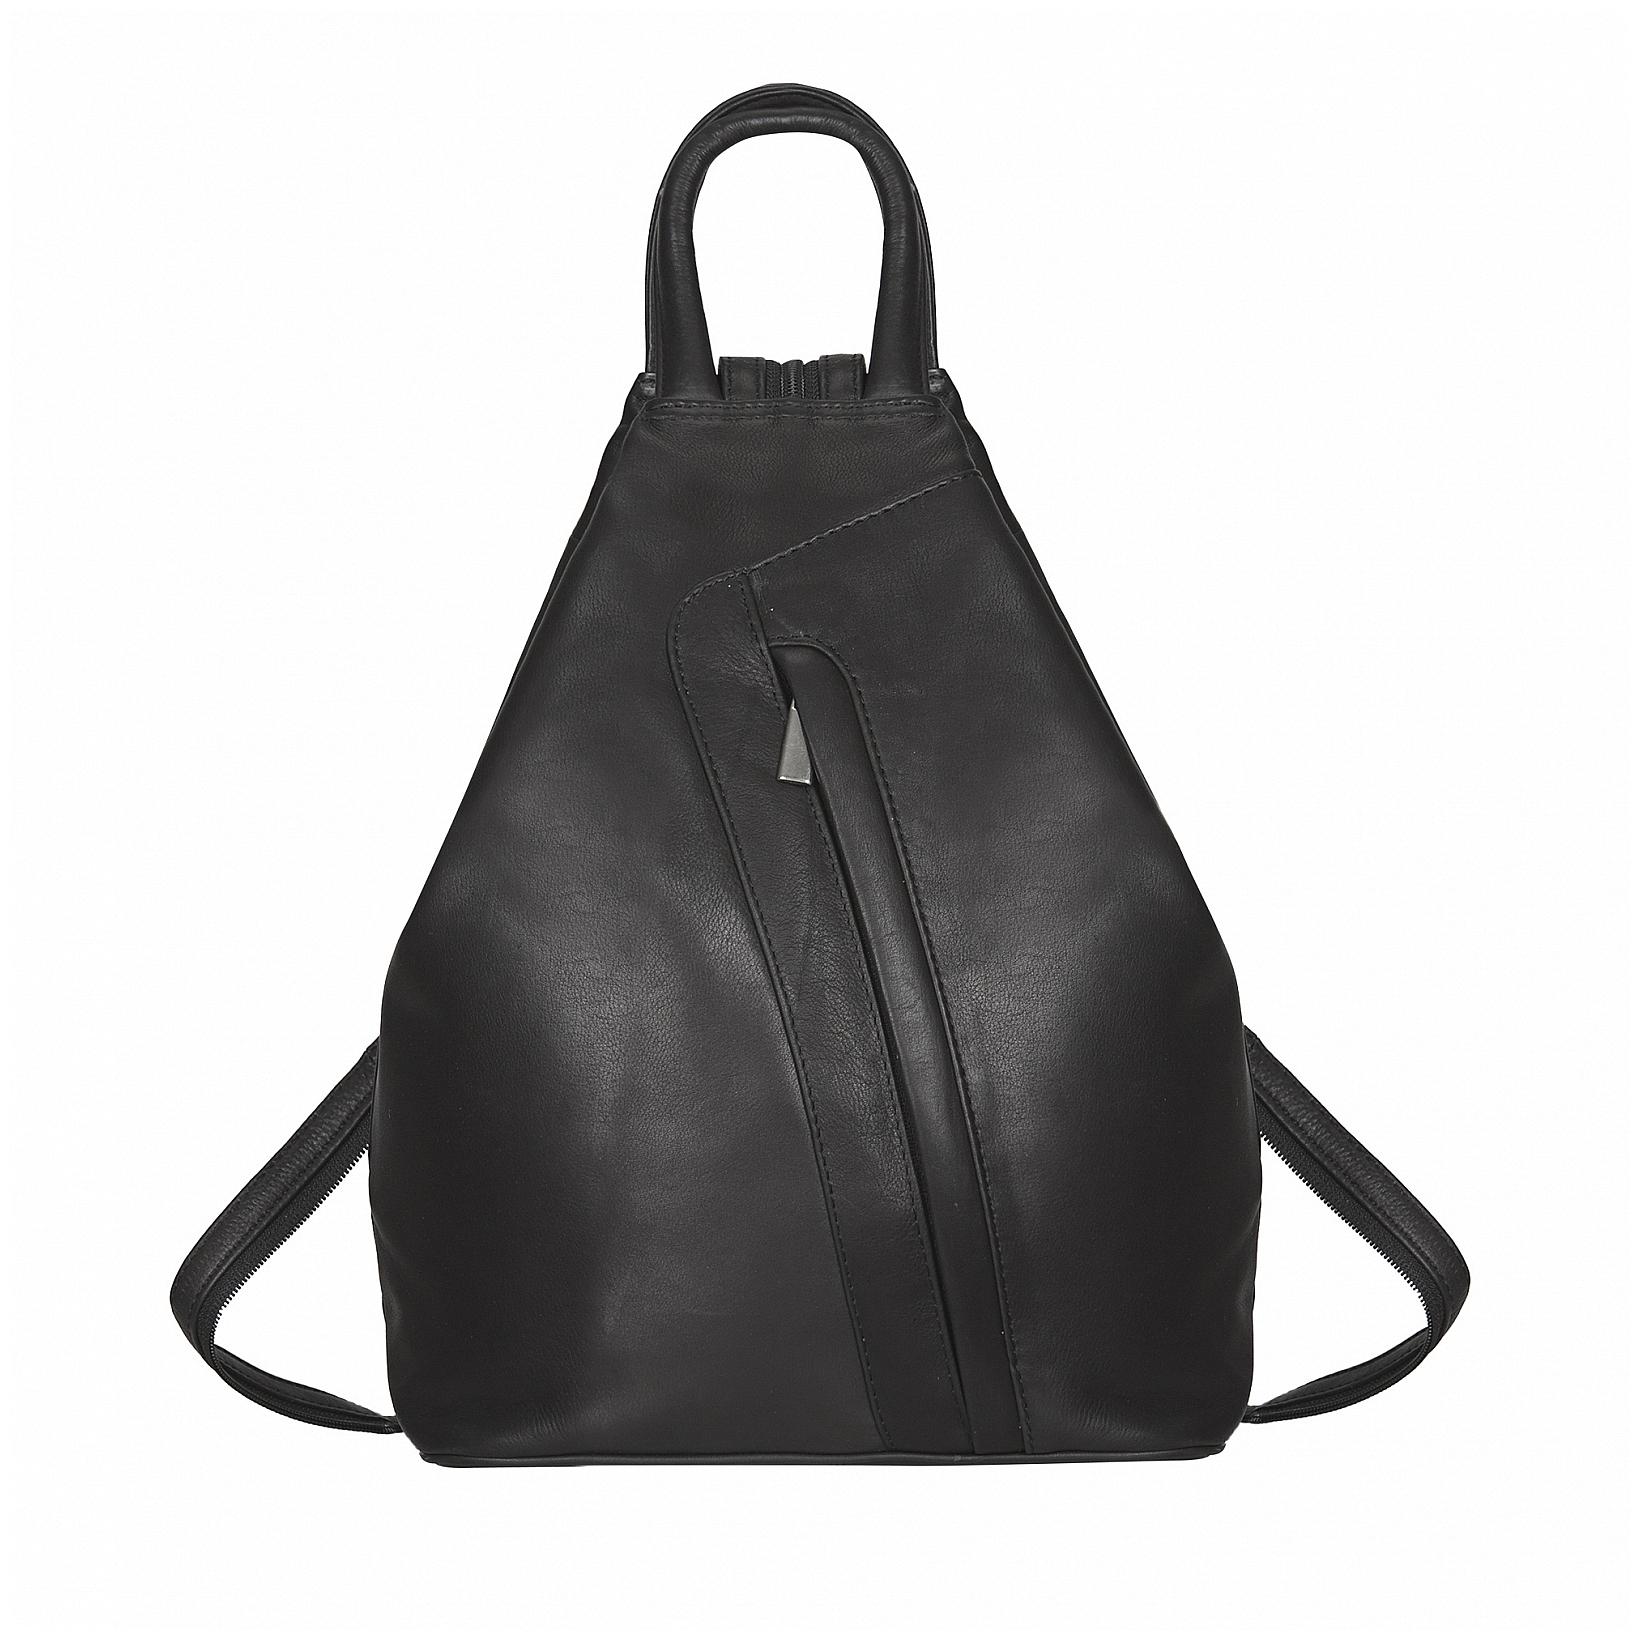 ESTELLE Kožený batůžek do města 0999 černý